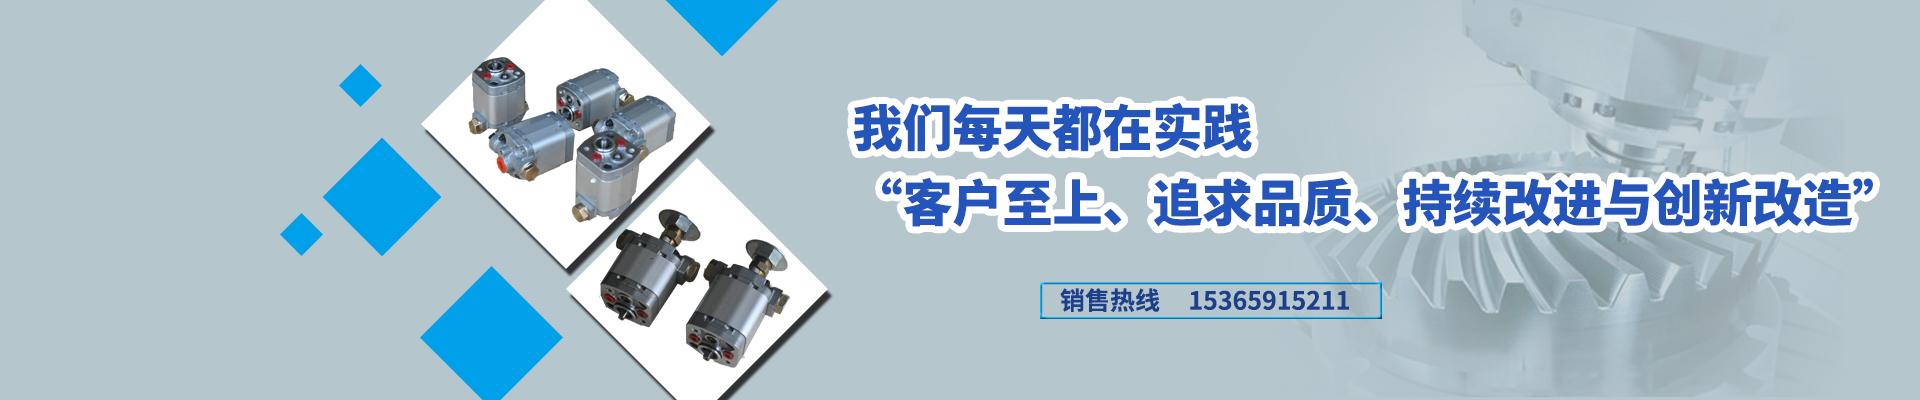 淮安舒克贝塔流体技术有限公司